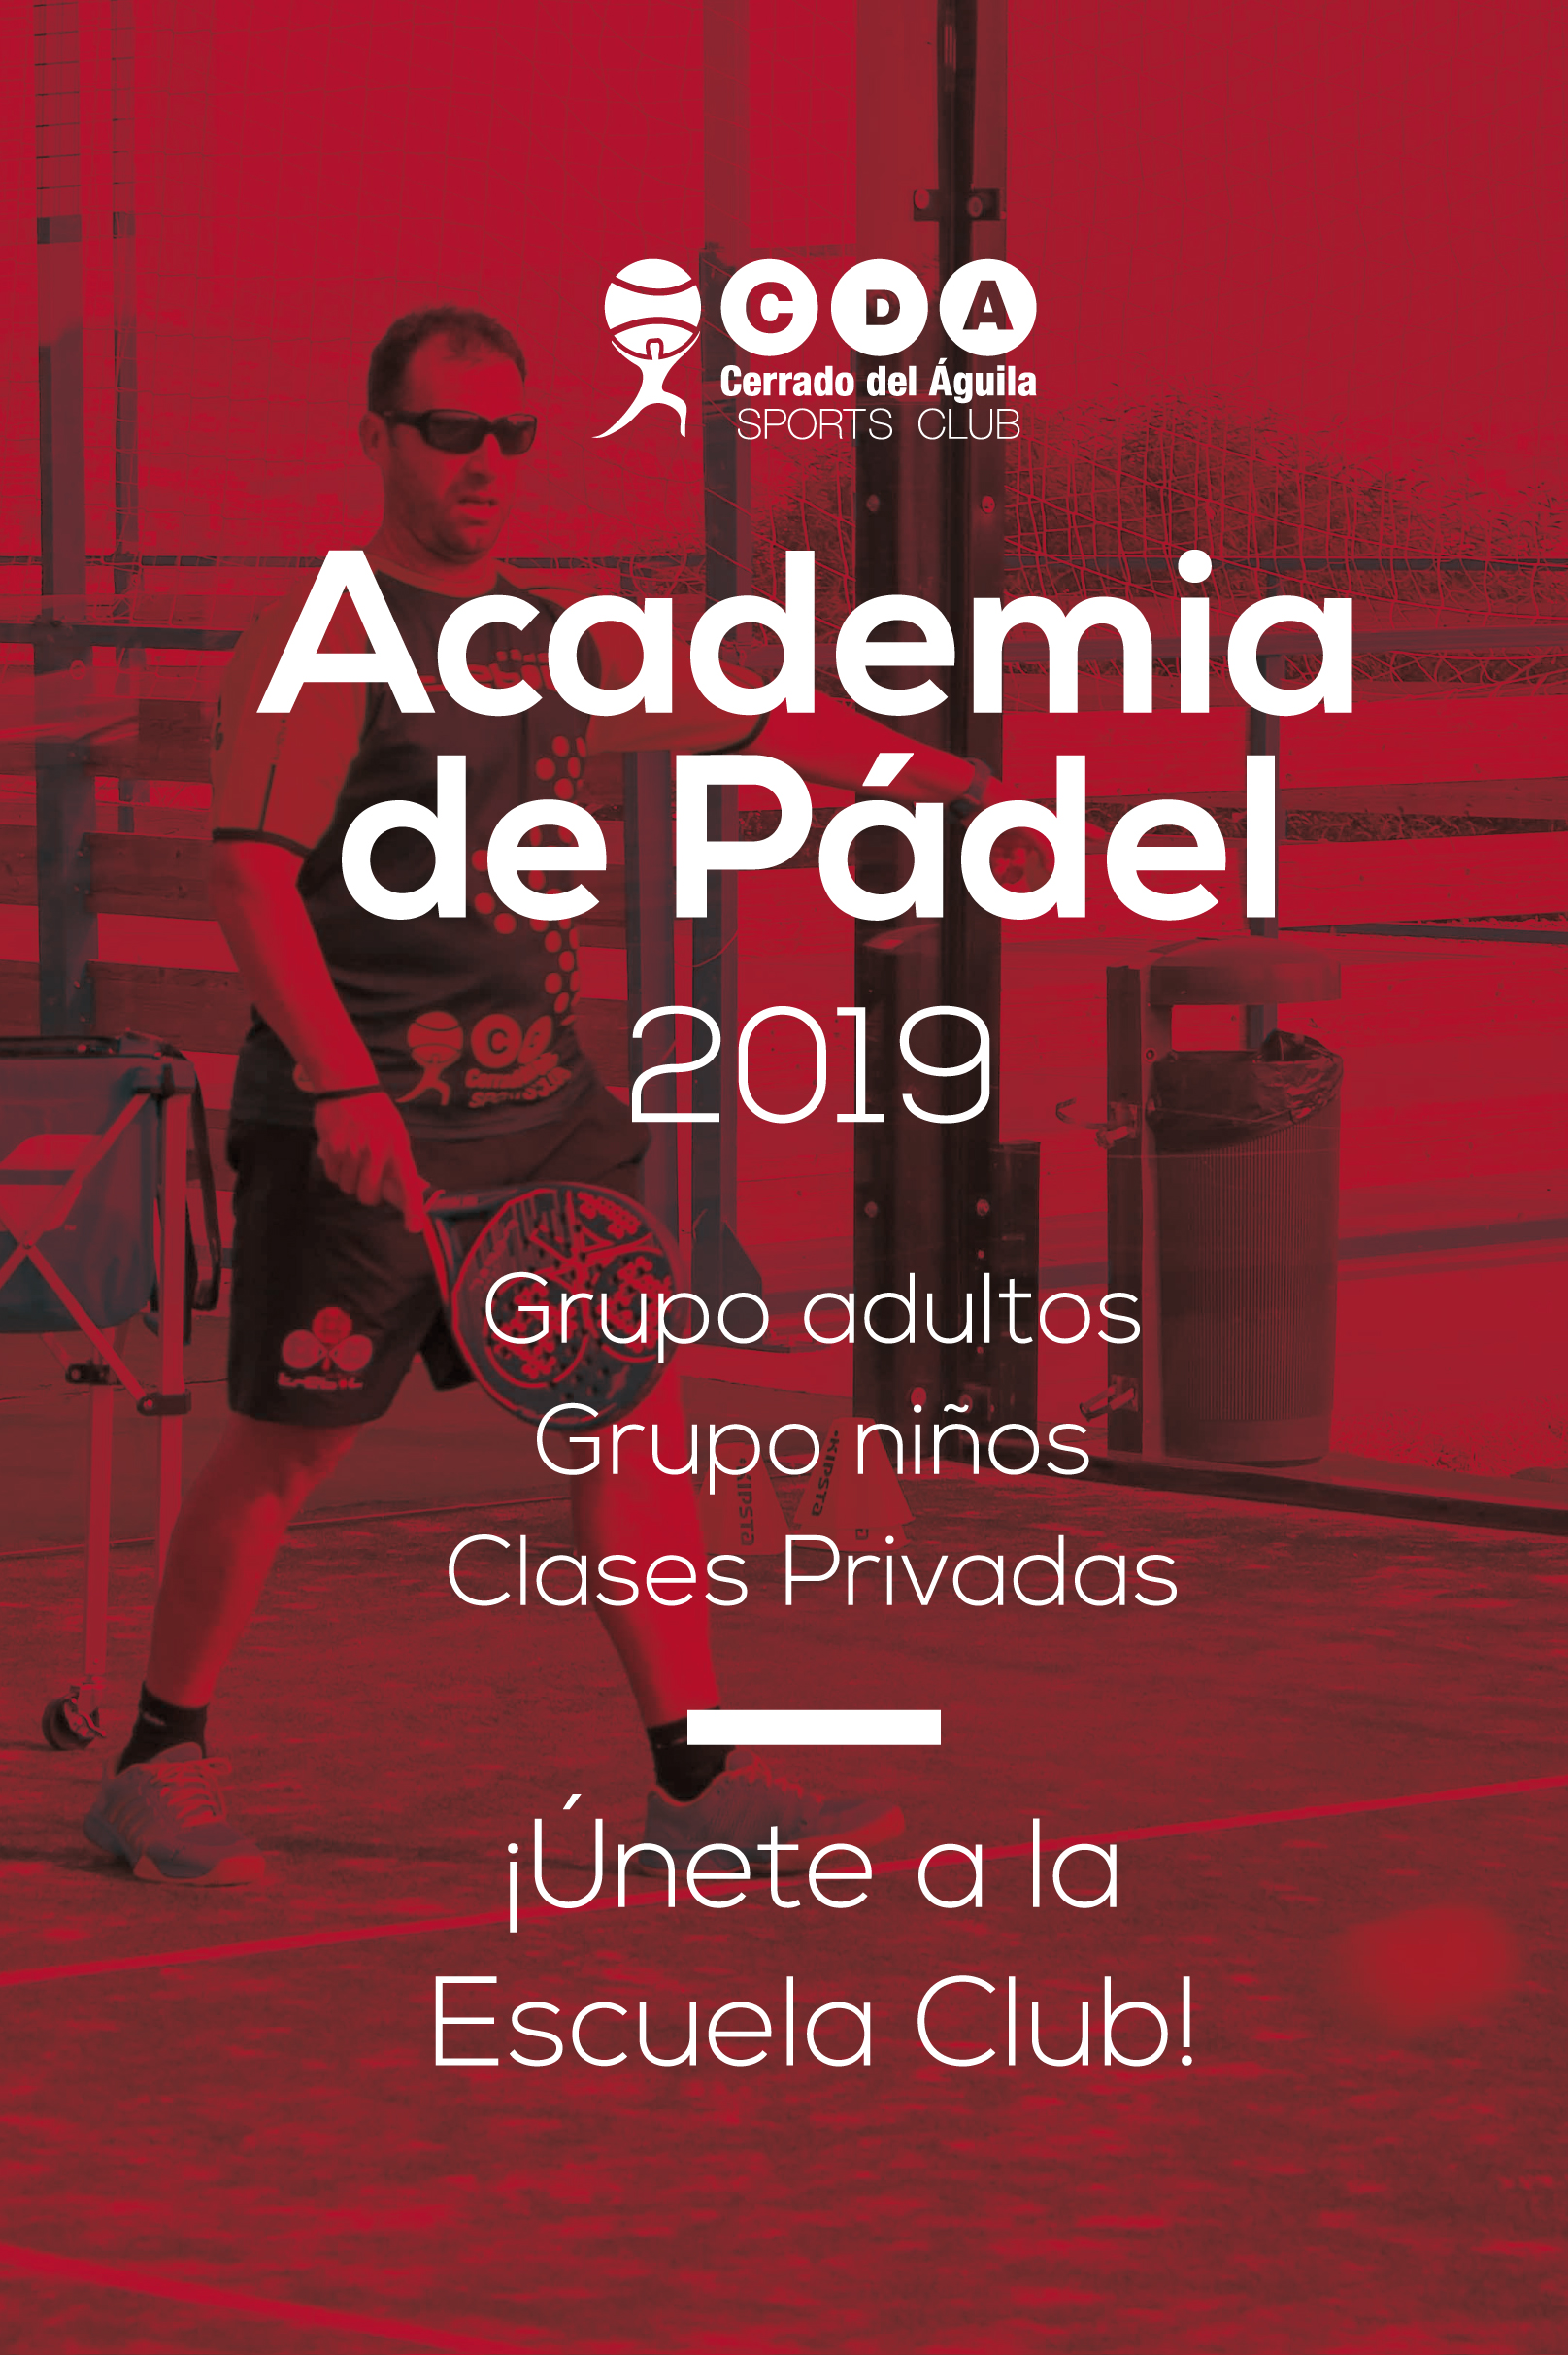 Academia de pádel Cerrado del Águila. Clases de pádel.